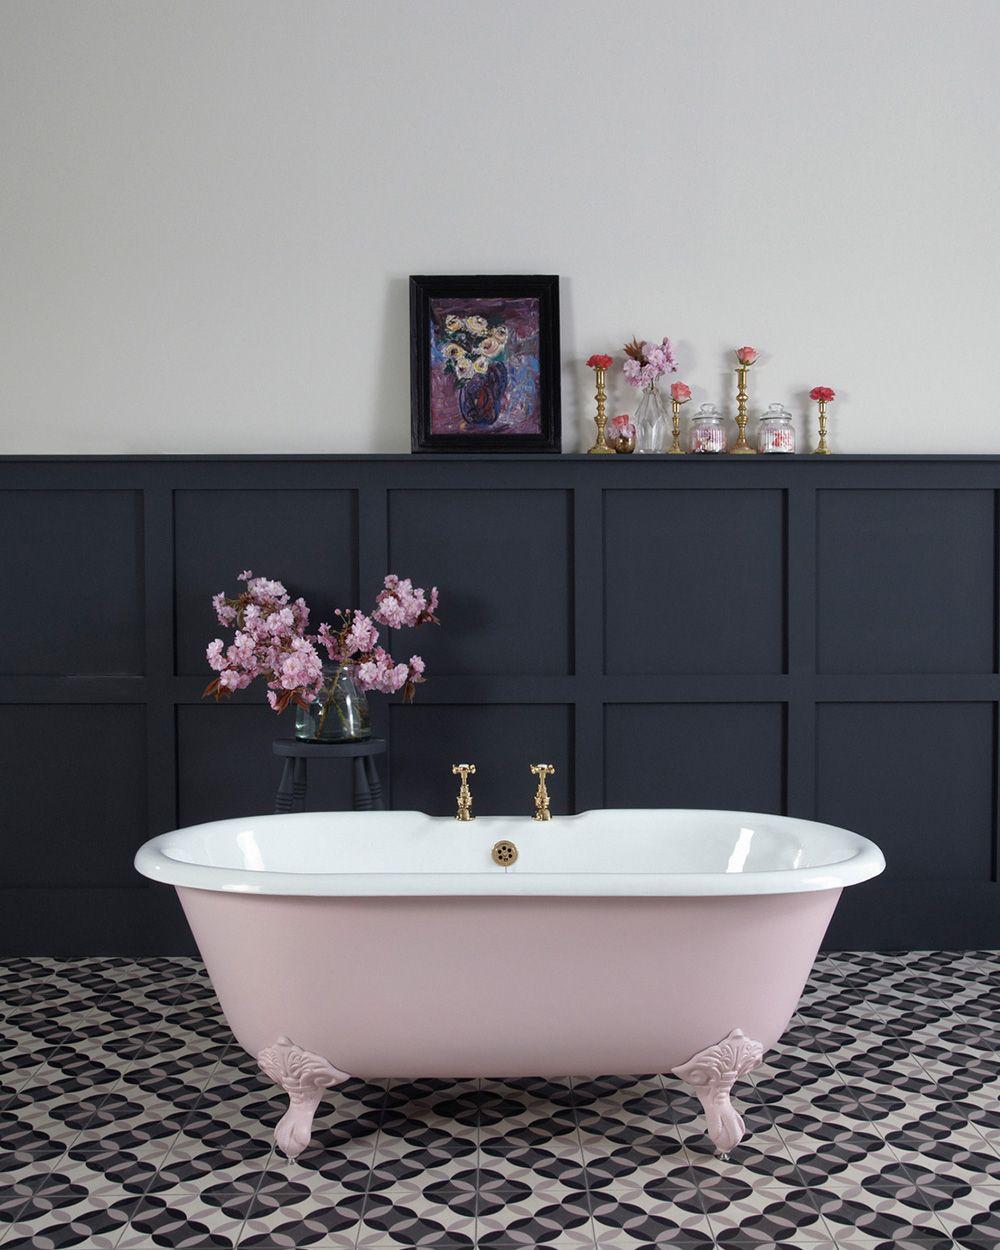 Une baignoire rose dans ma salle de bain en 2018 | BATHROOM - SALLE ...